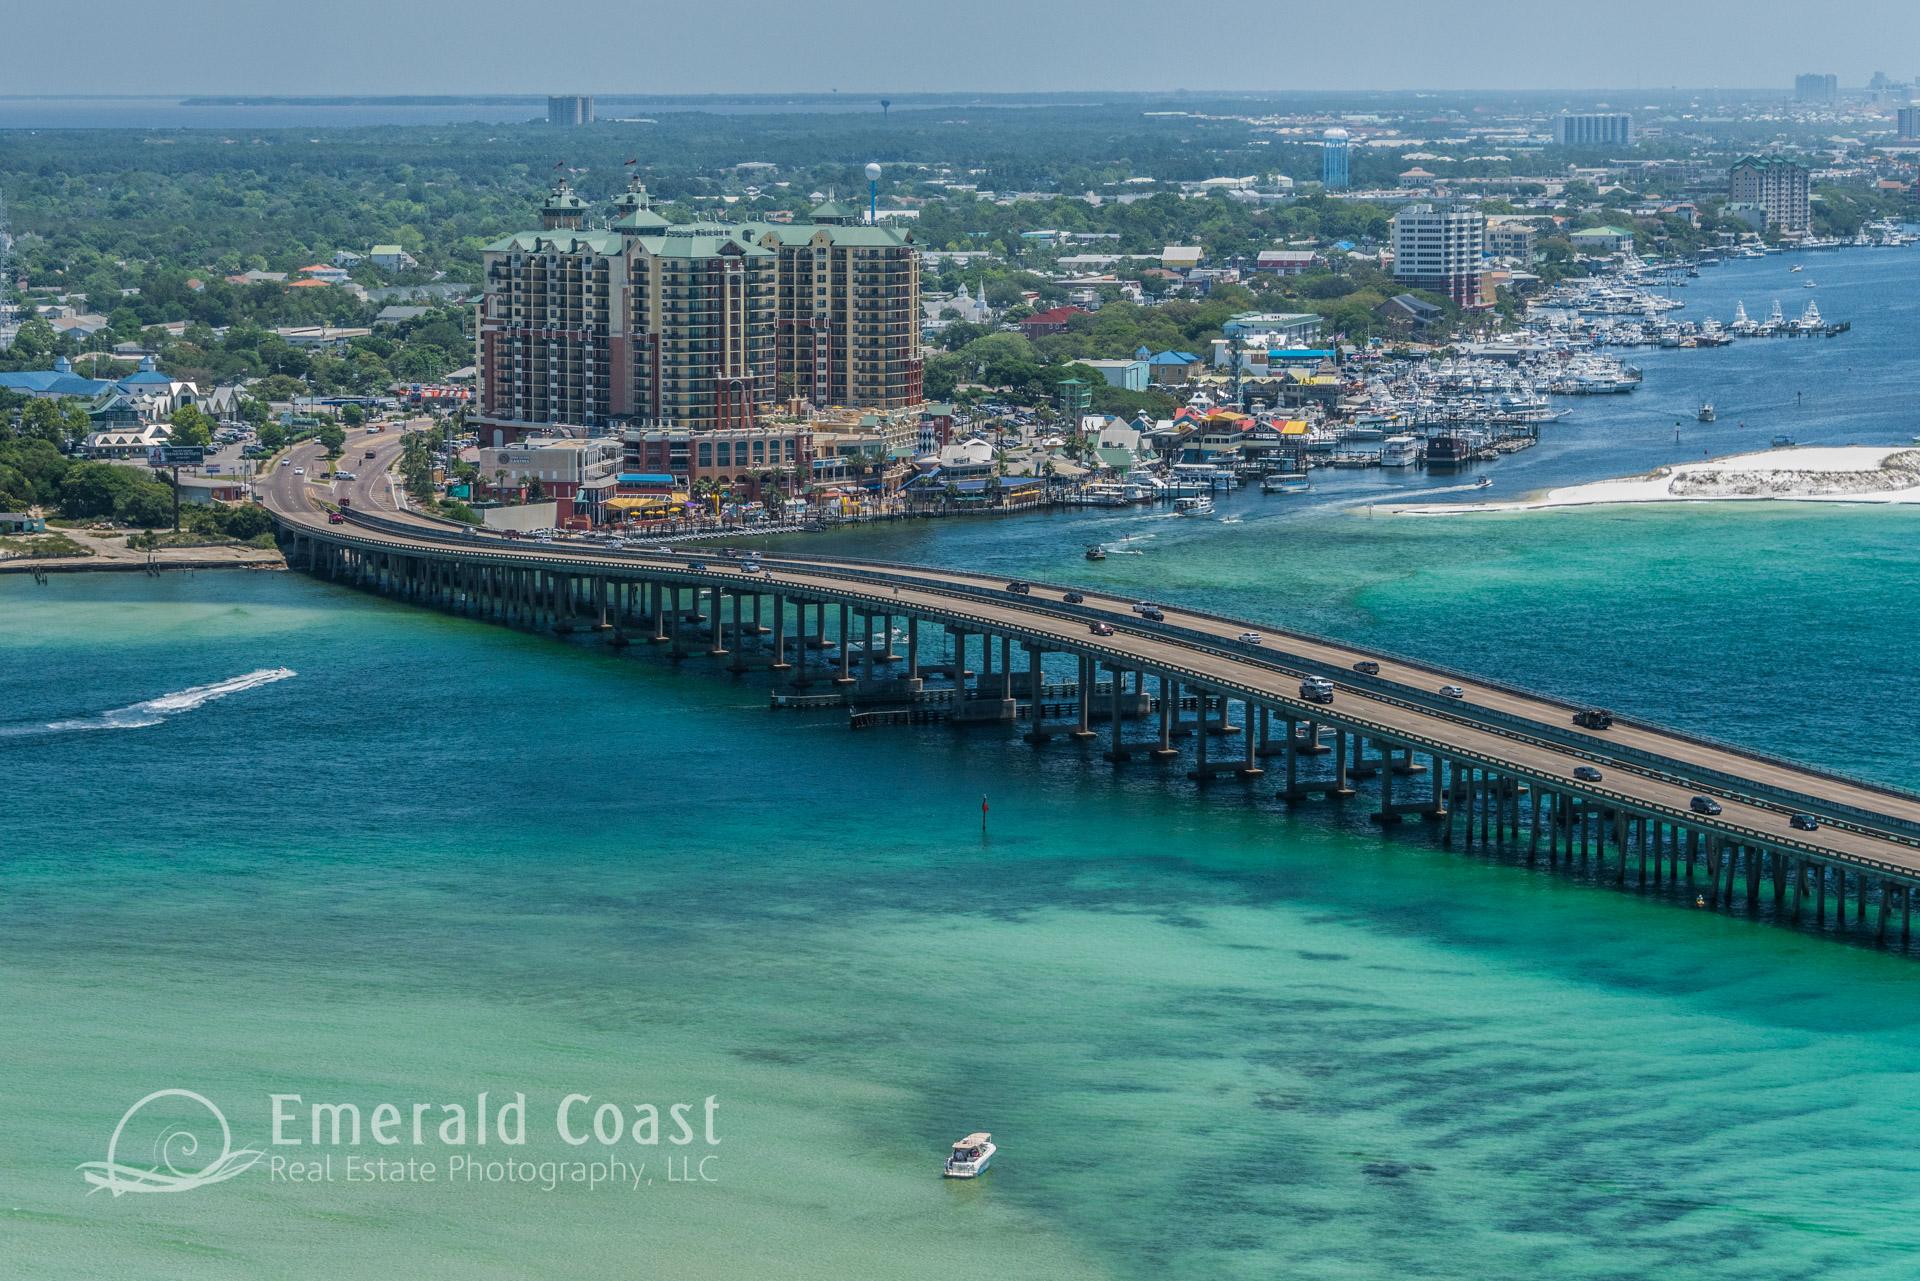 Emerald Grande, Destin, Florida, Destin pass, Aerial Photography, Gulf of Mexico